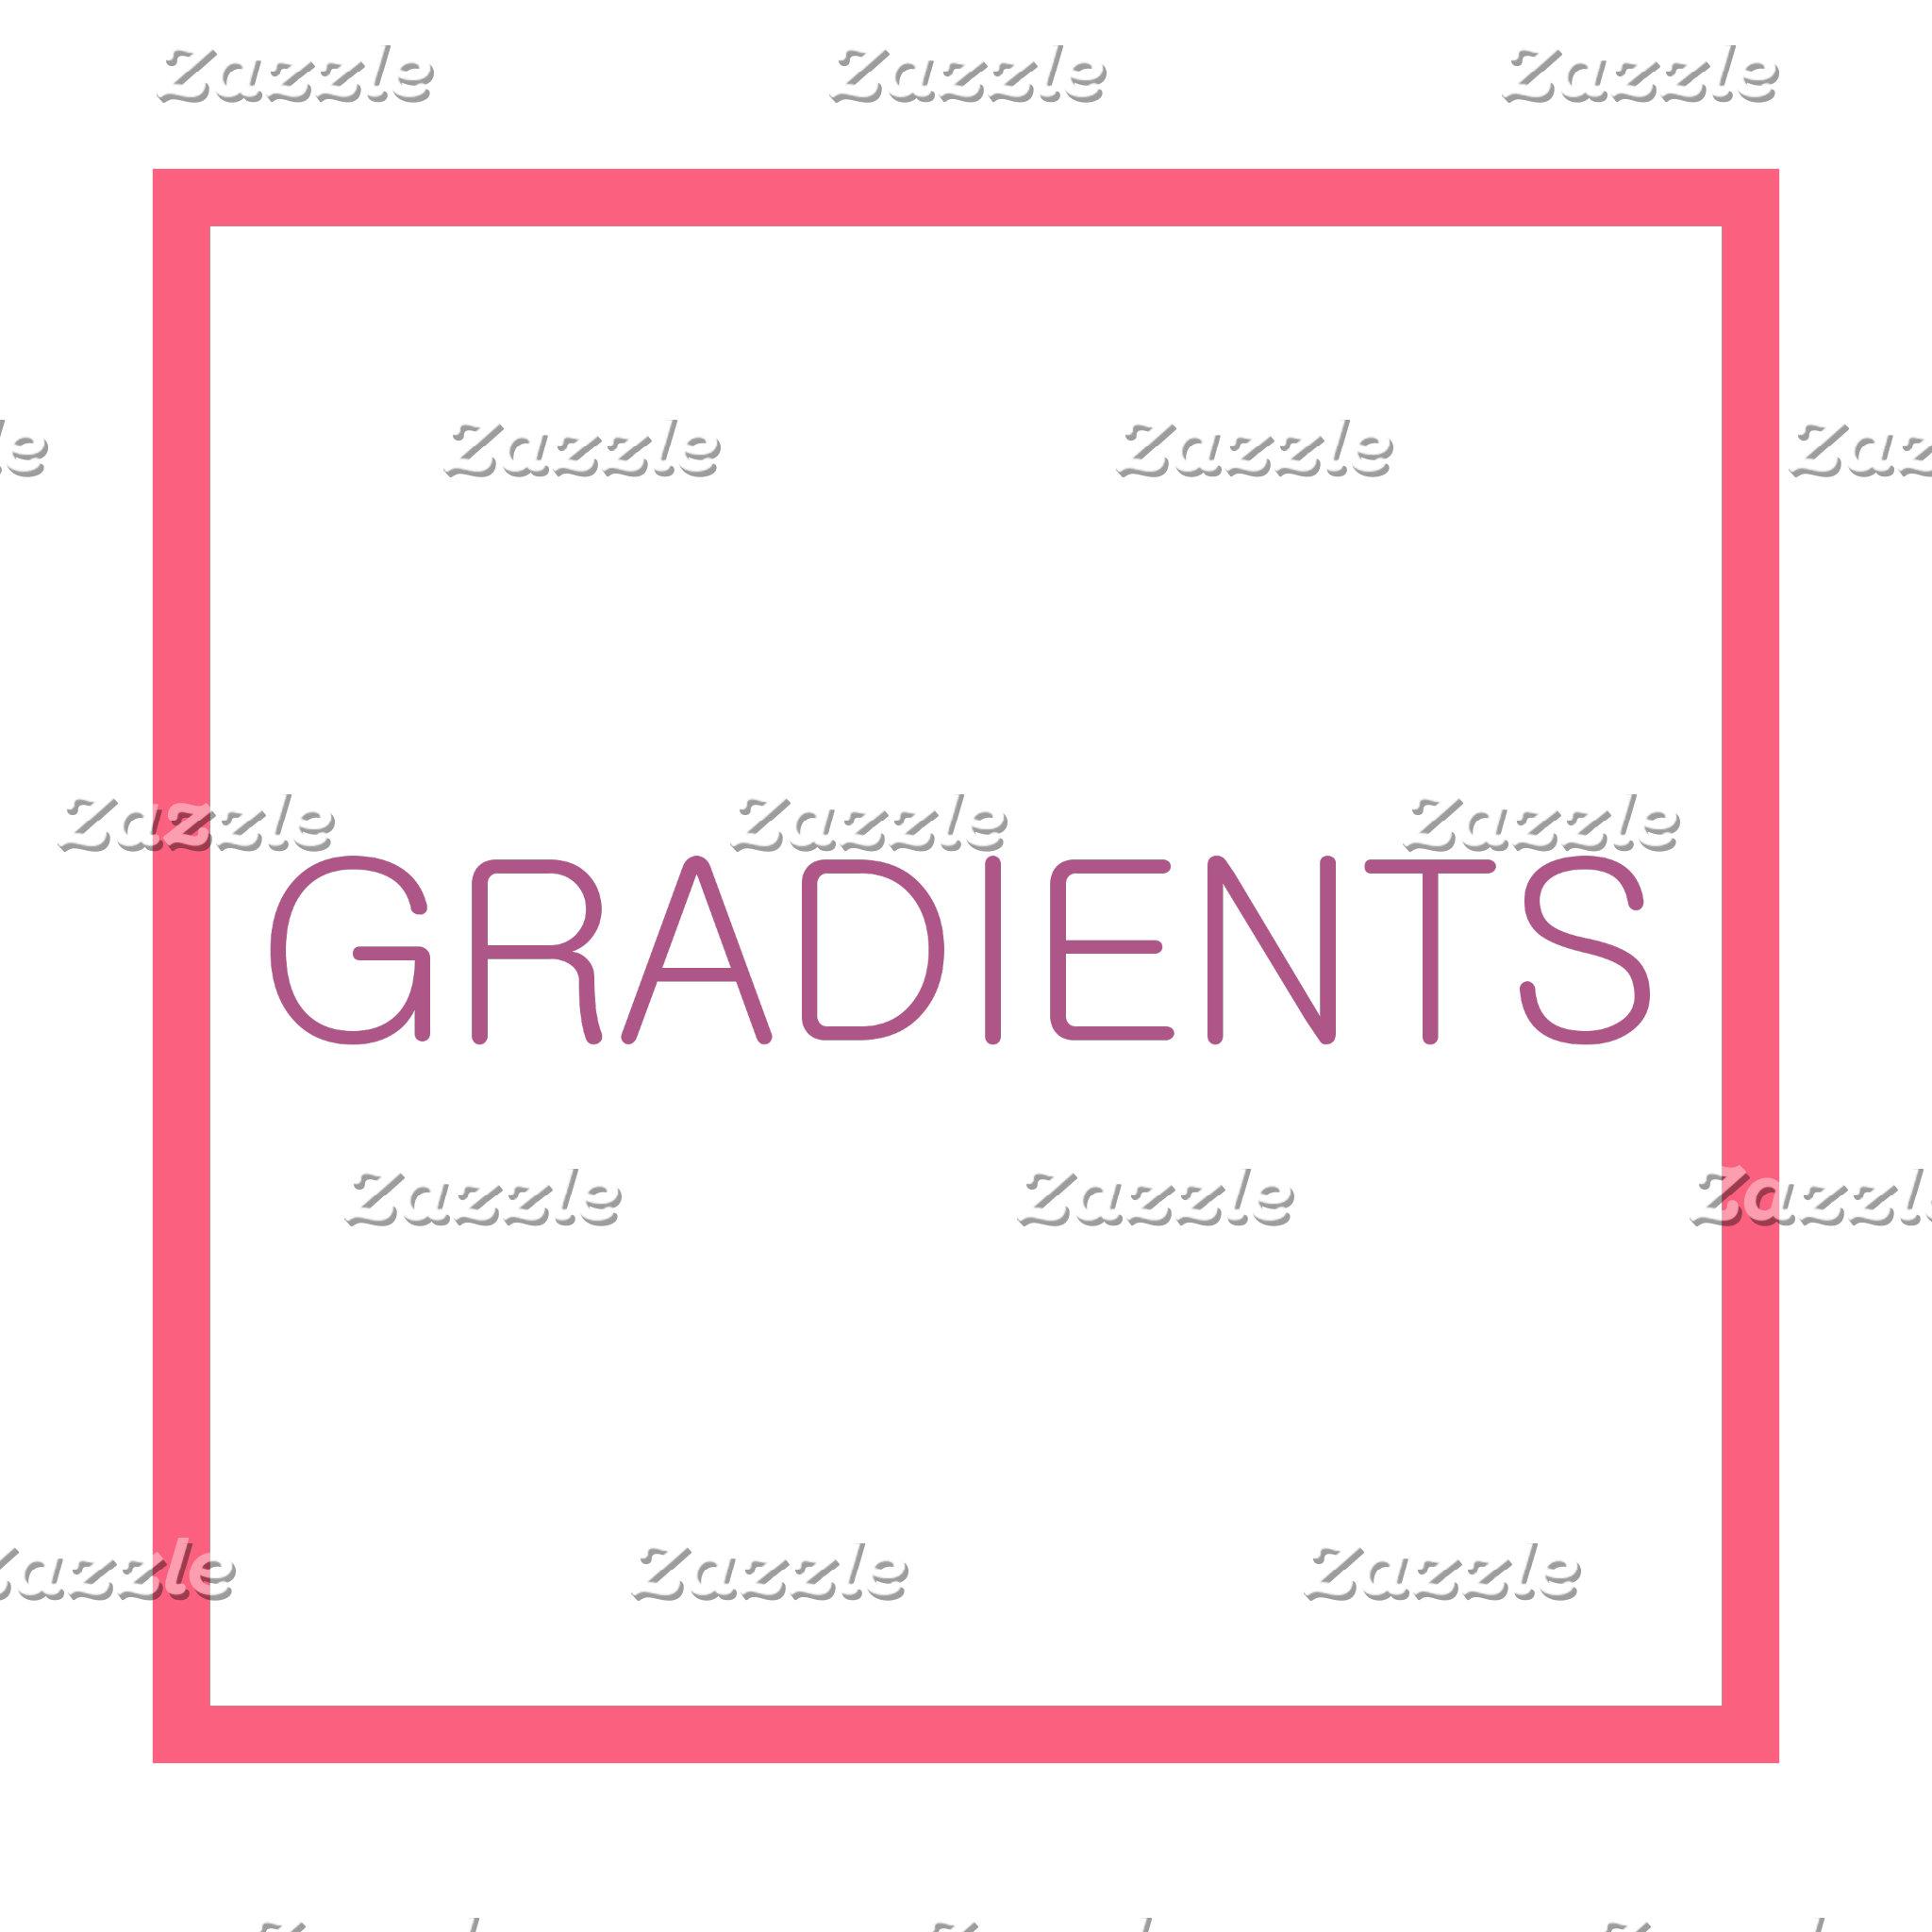 Gradient Designs